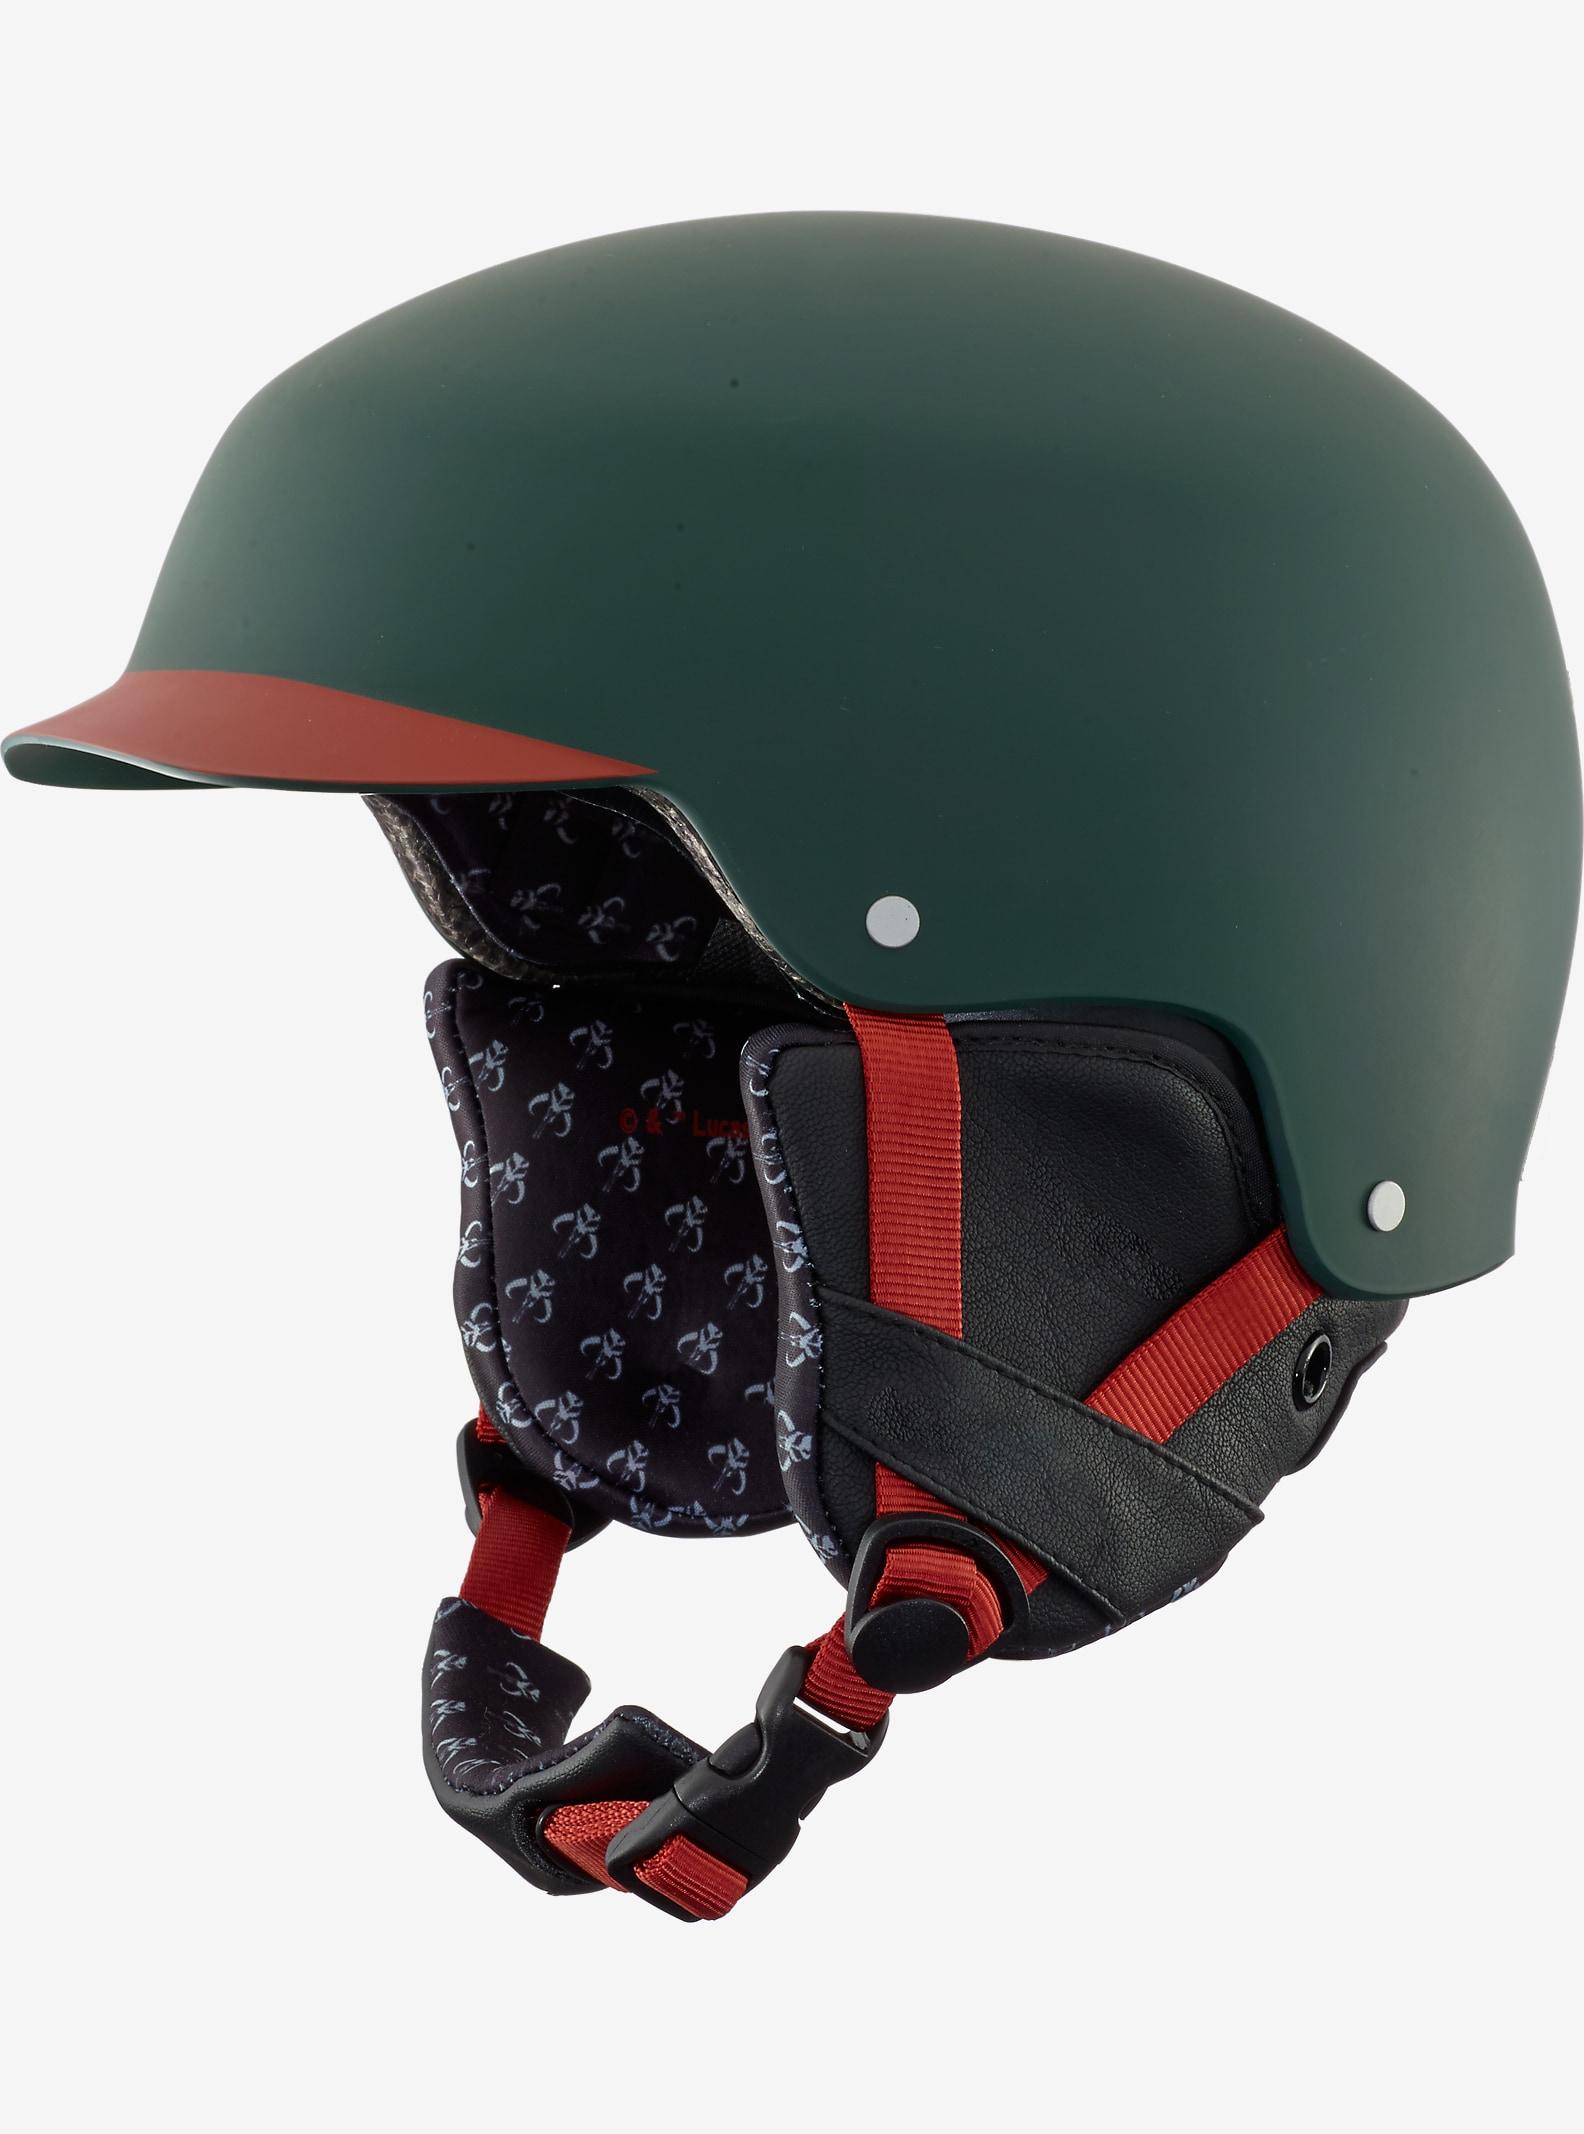 Star Wars anon. Blitz Helmet shown in Boba Fett